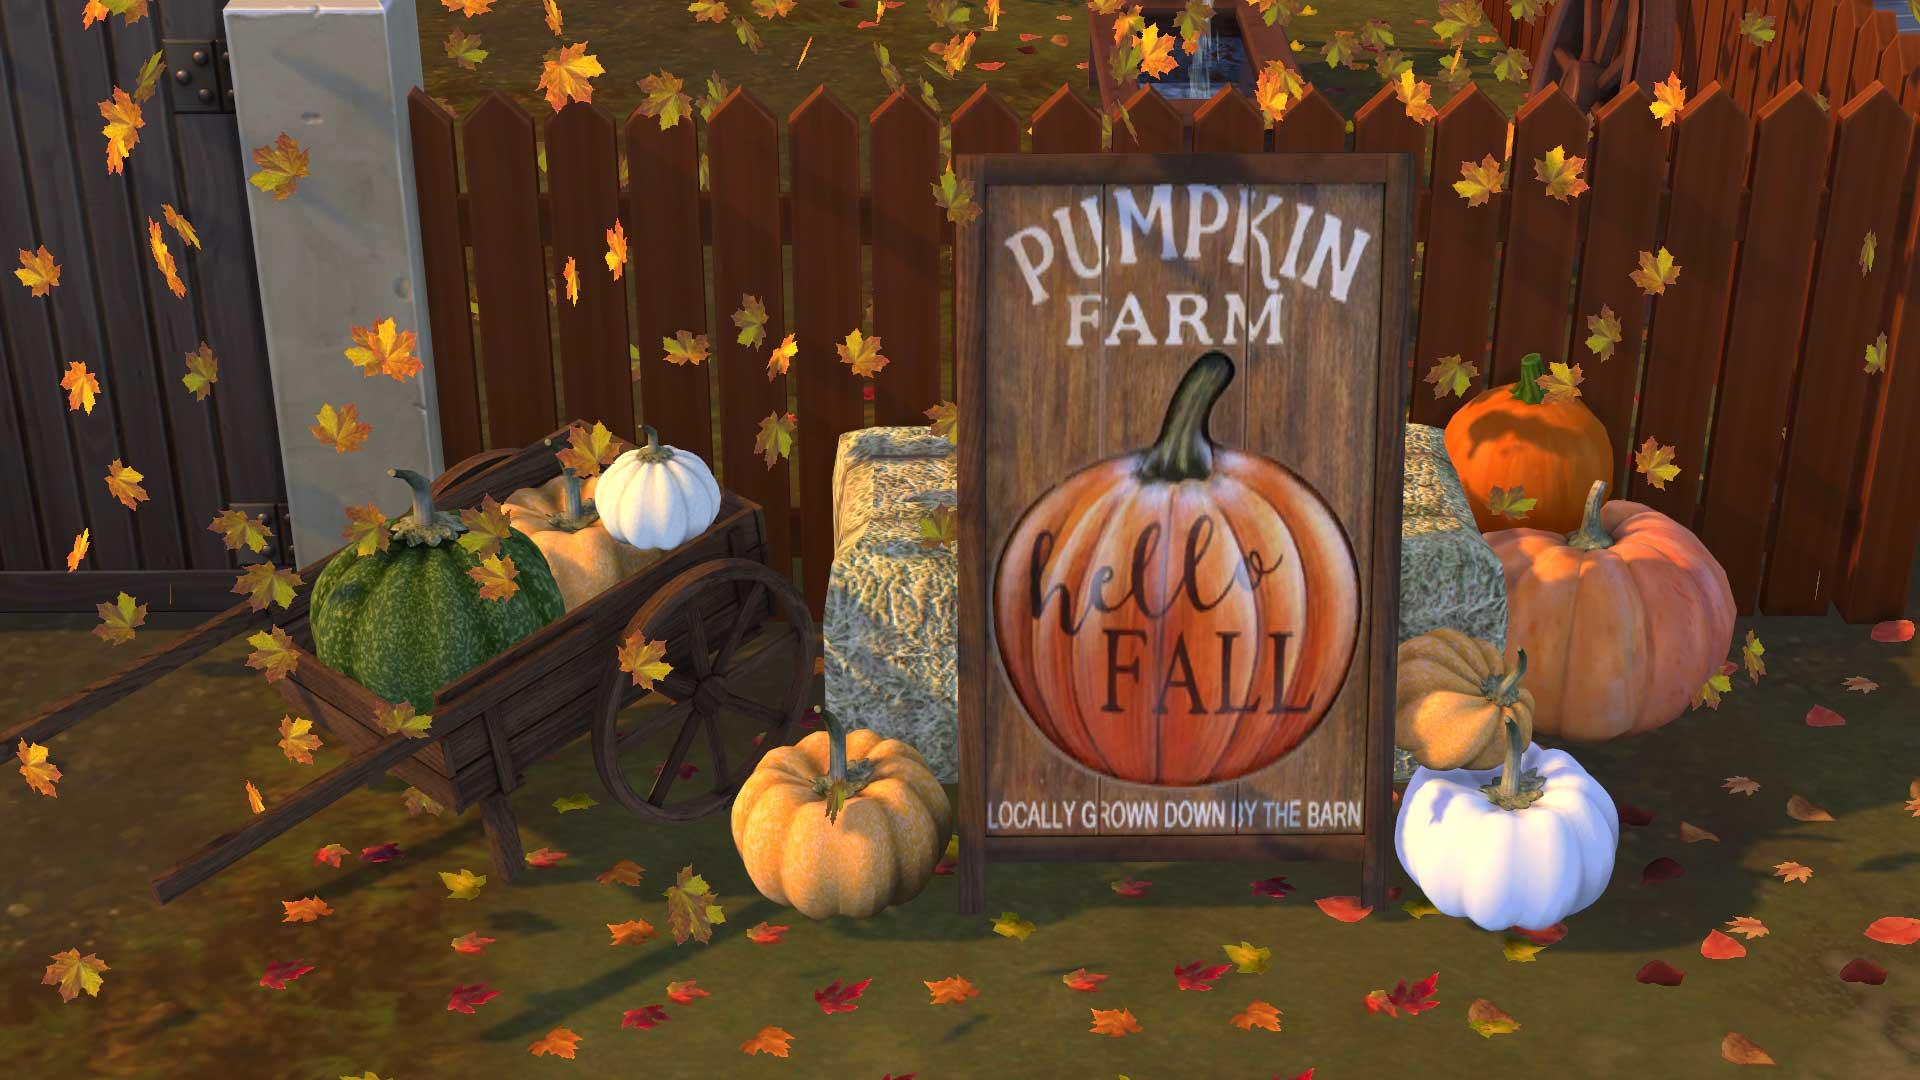 pumpkin-patch-sign-1.jpg